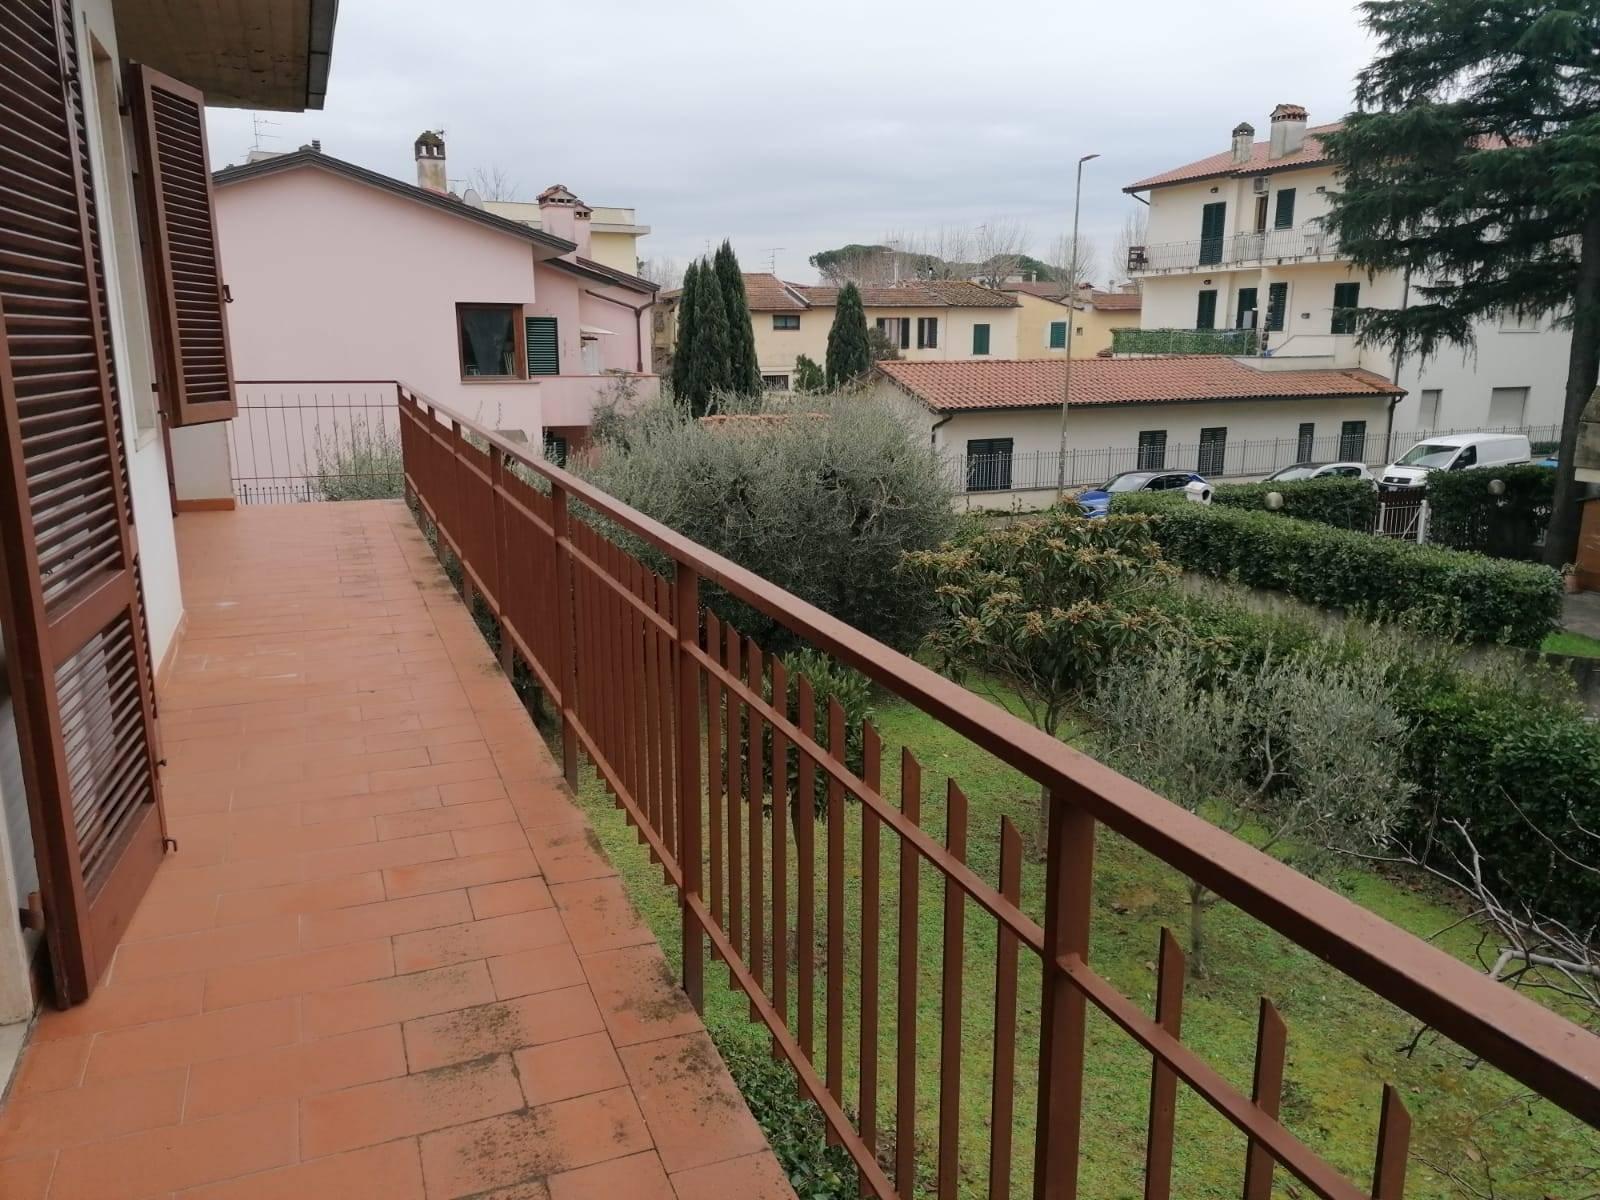 Villa in Vendita a Campi bisenzio zona  - immagine 13